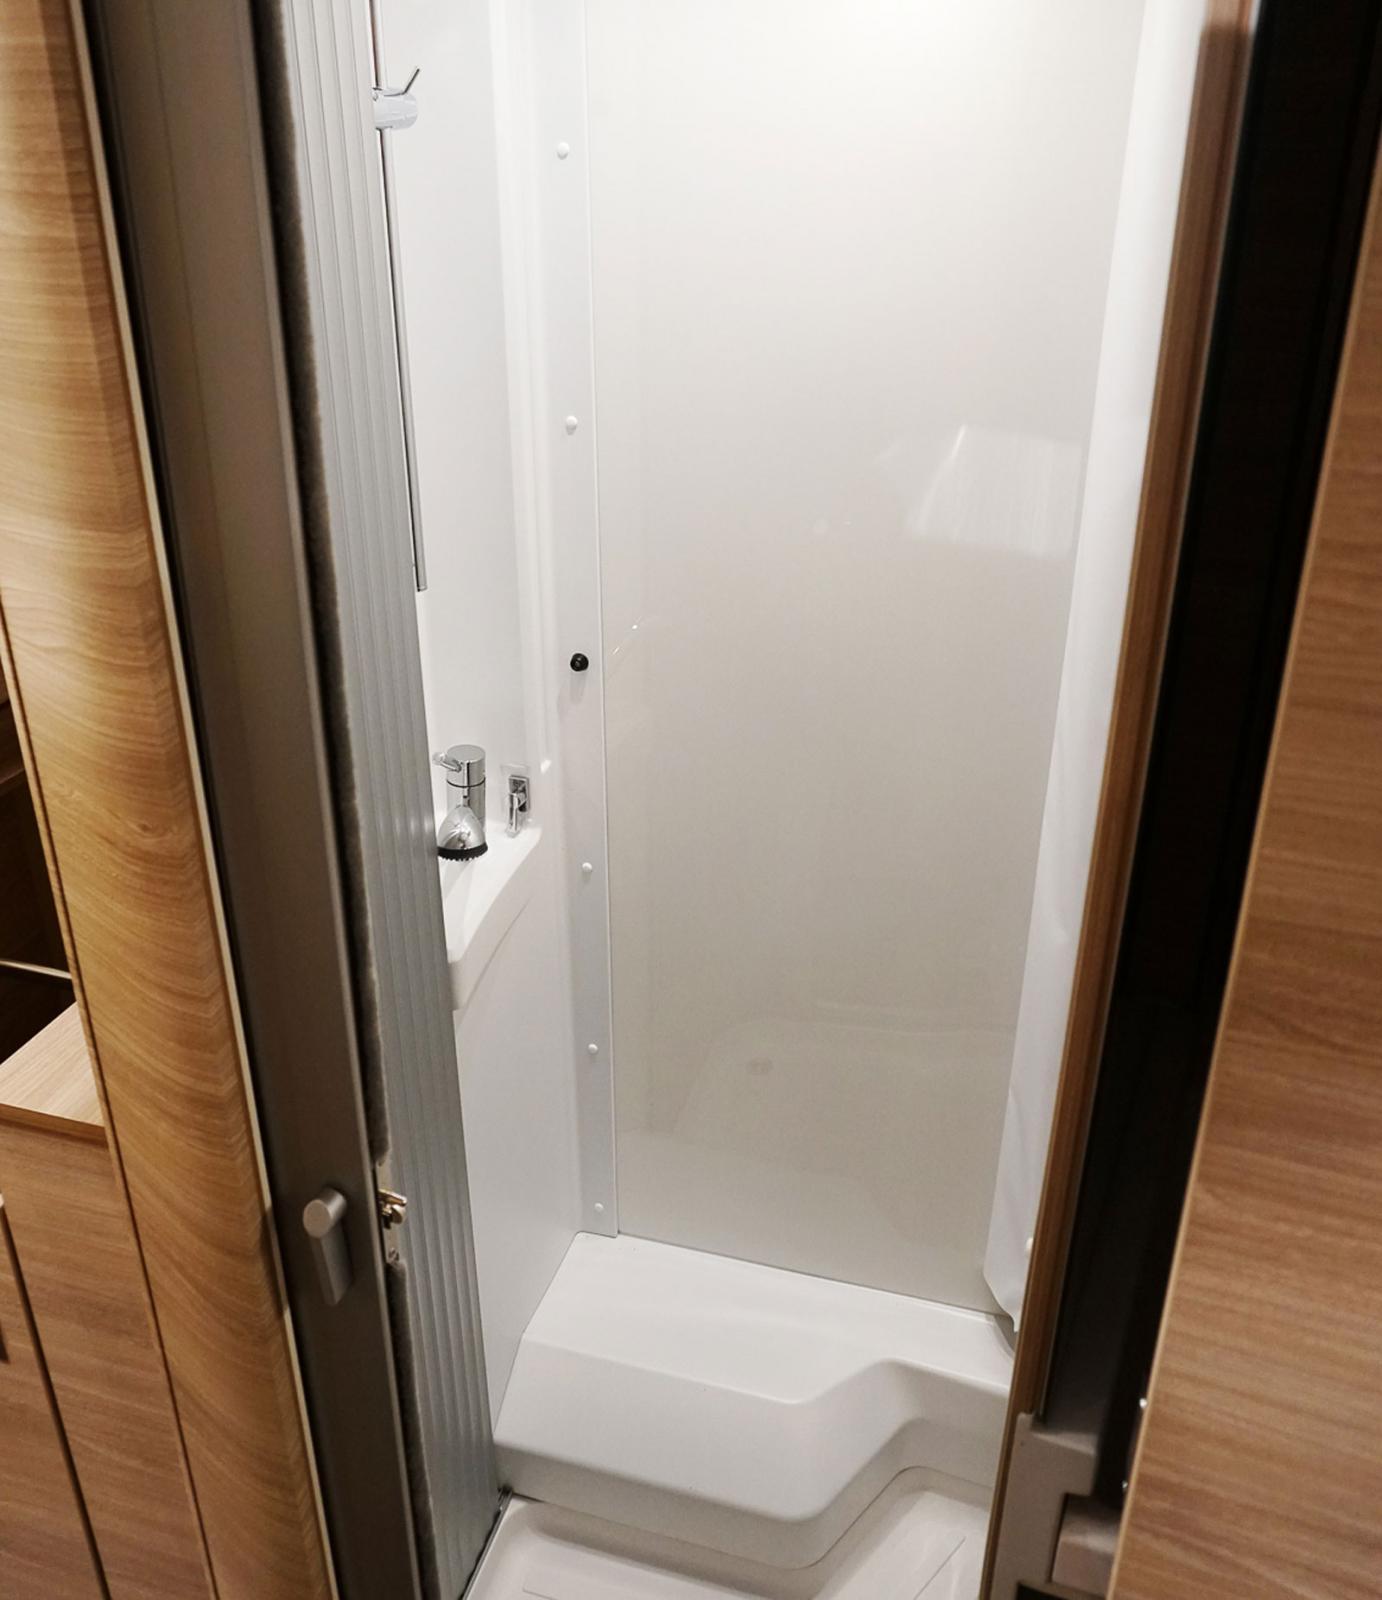 Bra extravägg när det ska duschas.